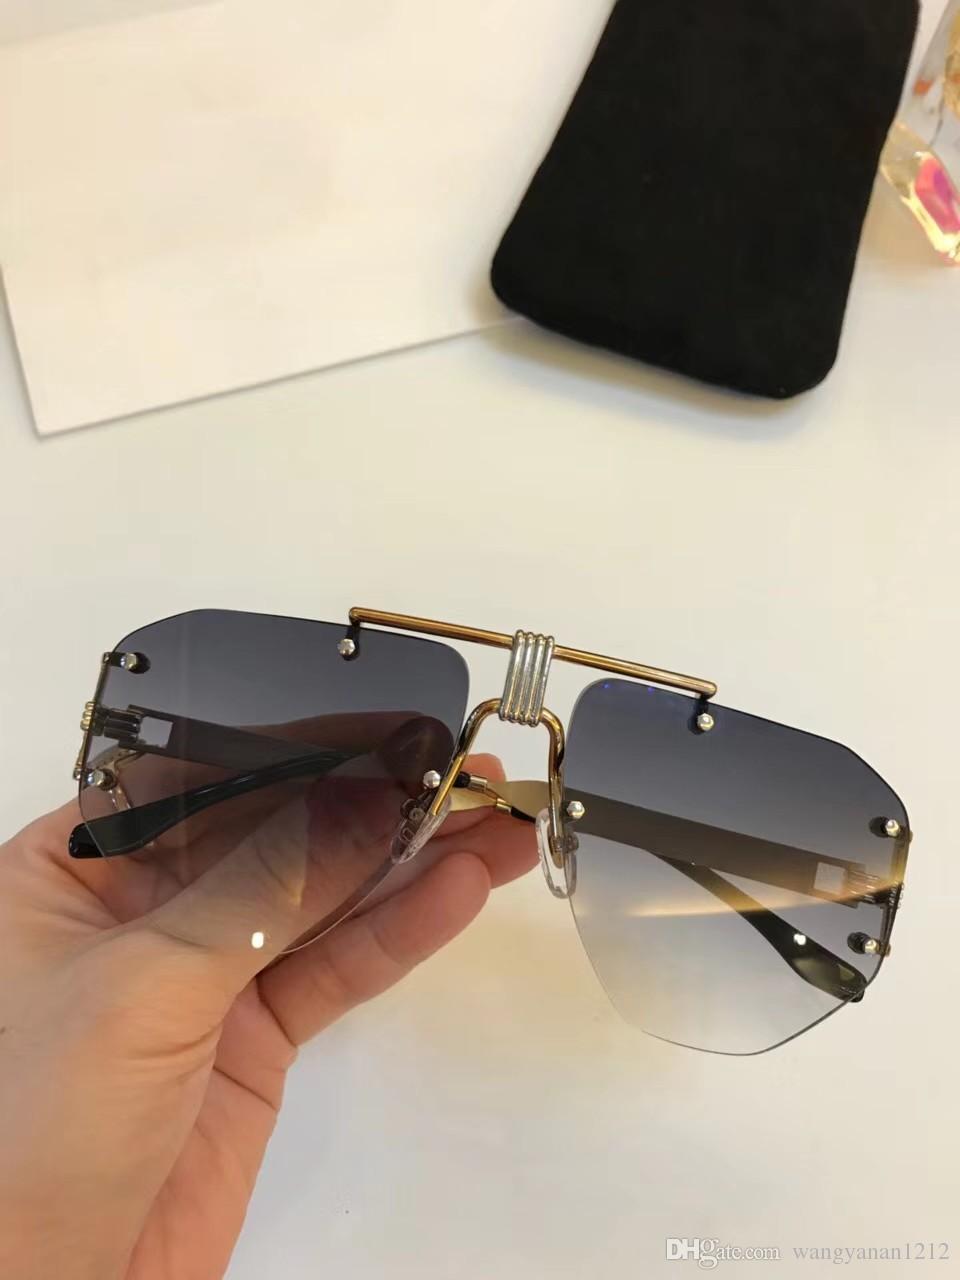 58b85191d7 New Fashion Women Brand Designer Sunglasses CL40039 Cat Eye Sunglasses  Fashion Show Design Summer Style With Original Case Glasses For Men Mens  Eyeglasses ...